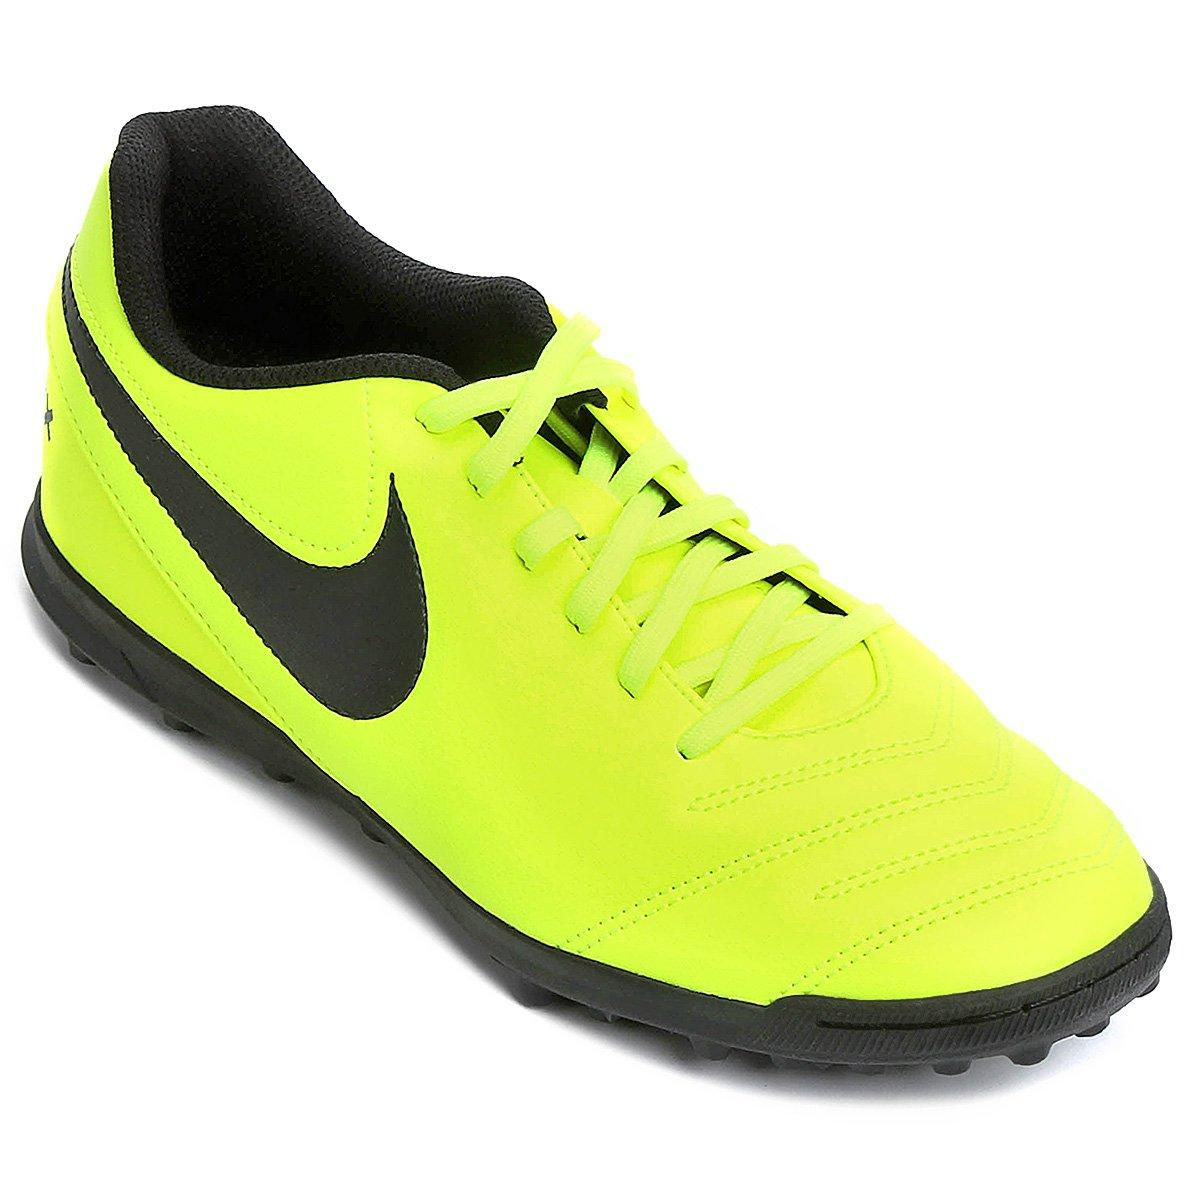 Chuteira Society Nike Tiempo Rio 3 TF - Compre Agora  dc2482ccaa9cd